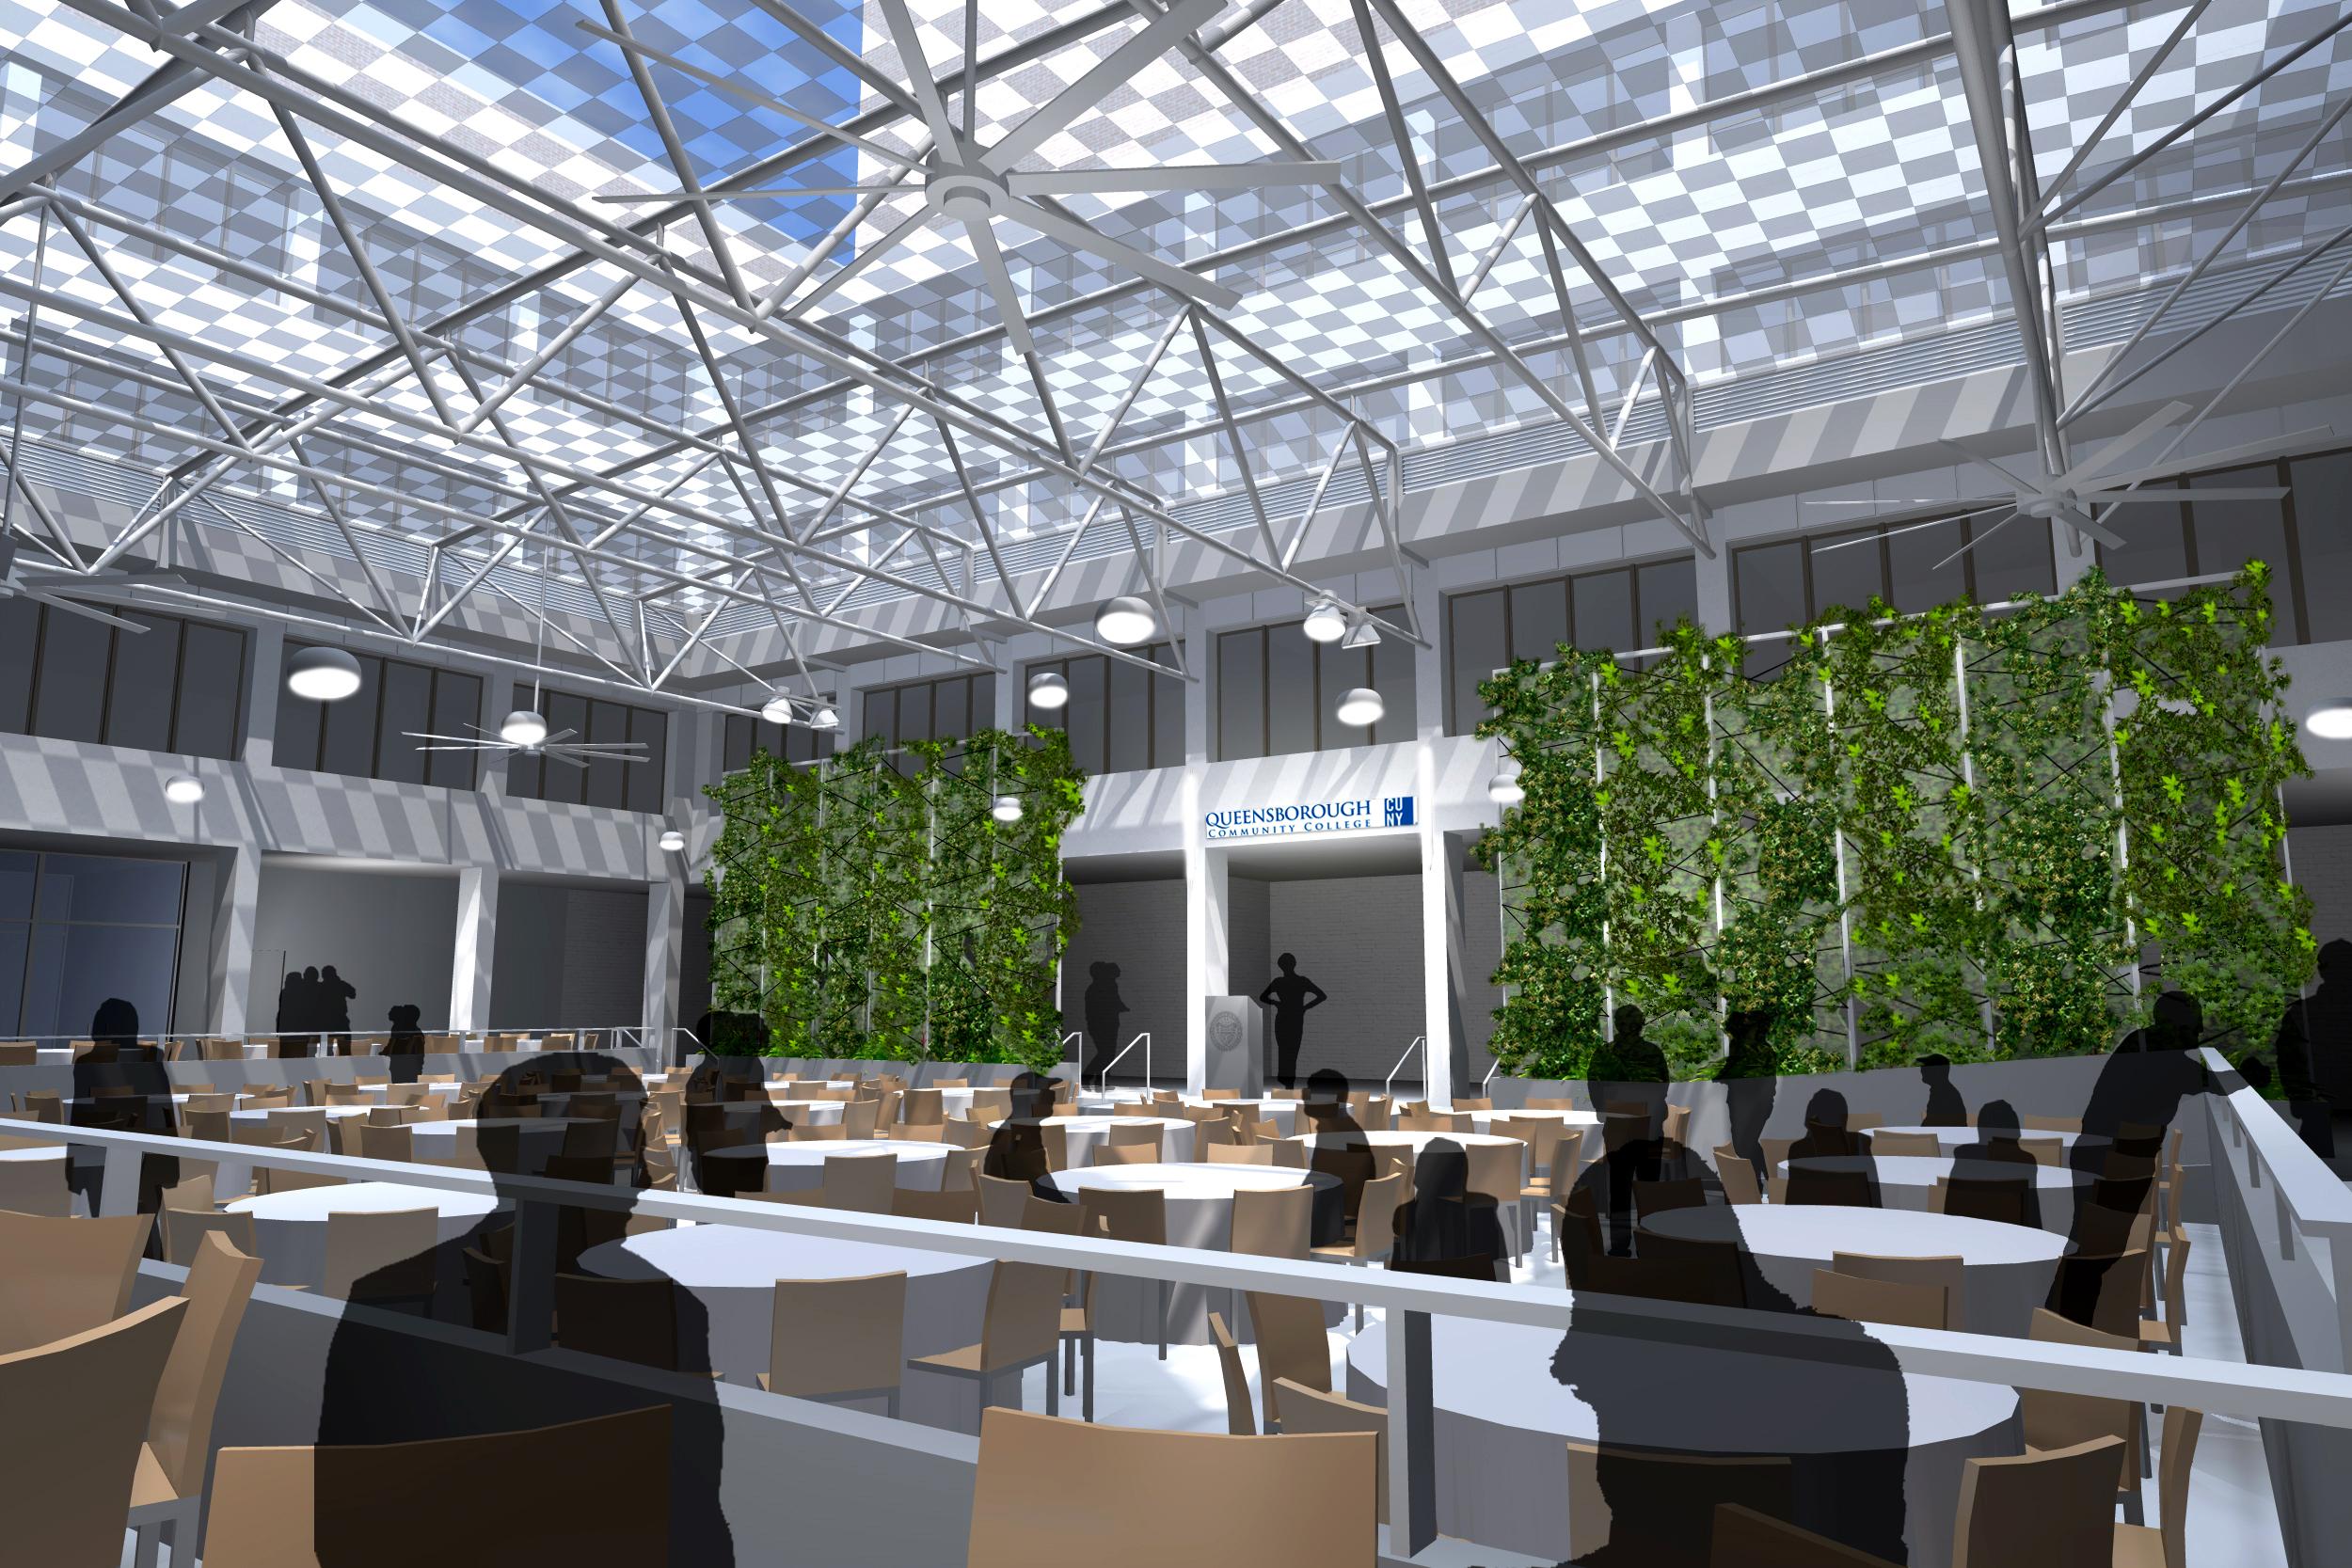 Queensborough Community College Science Building Atrium With Queensborough Community College School Scehdule